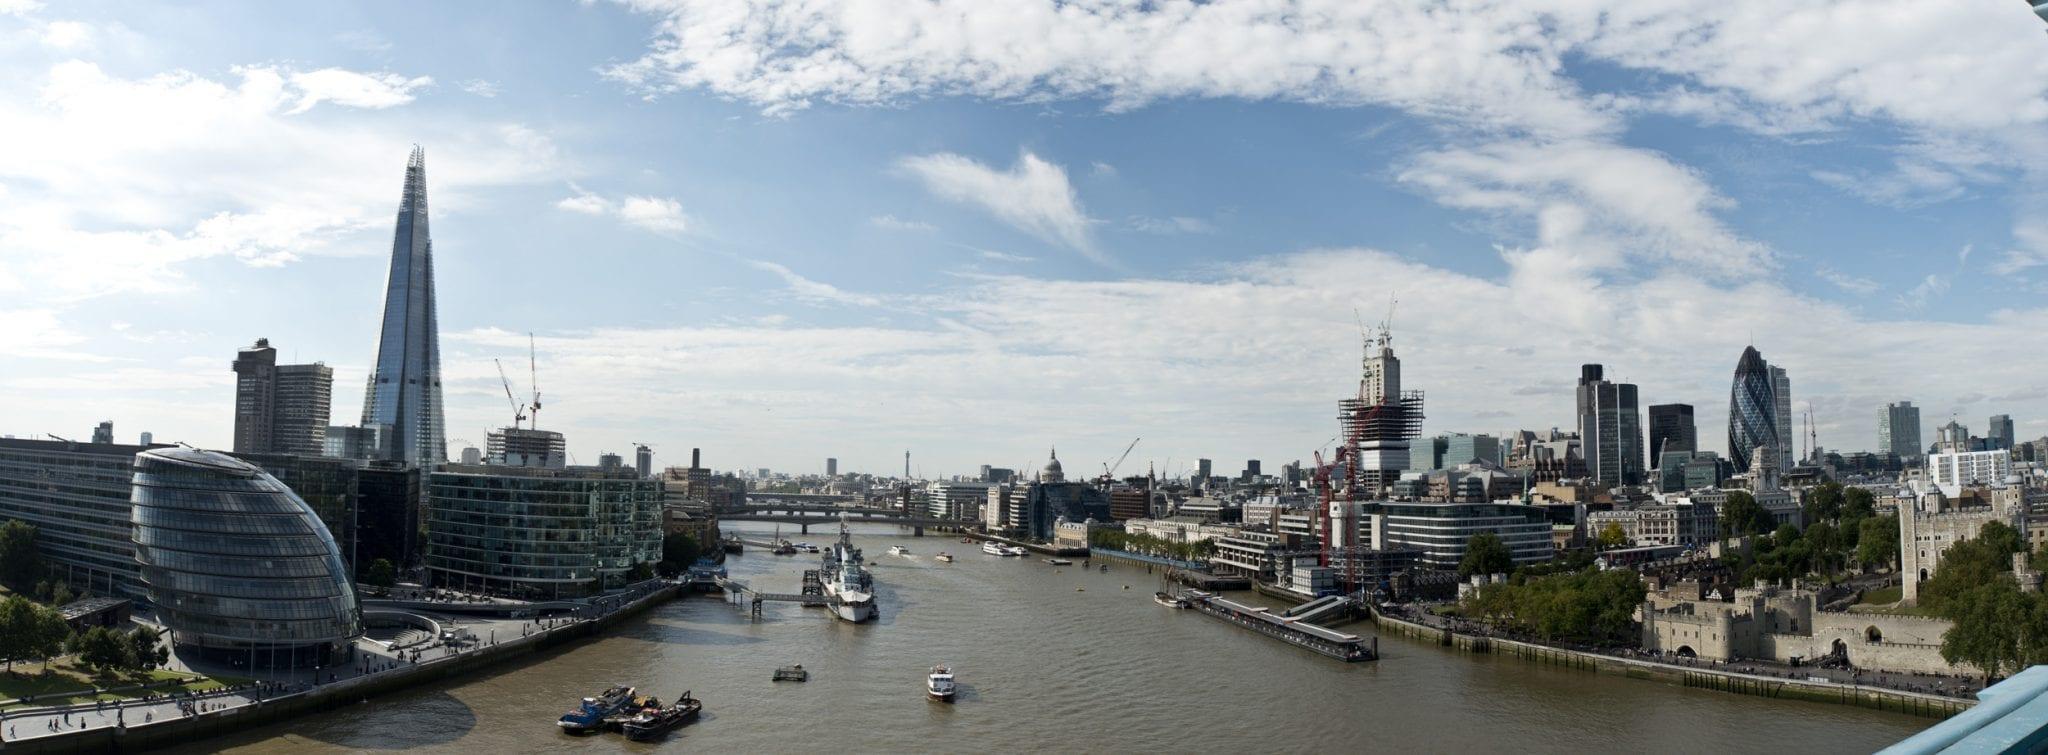 Ciudades de Inglaterra: Londres, la capital